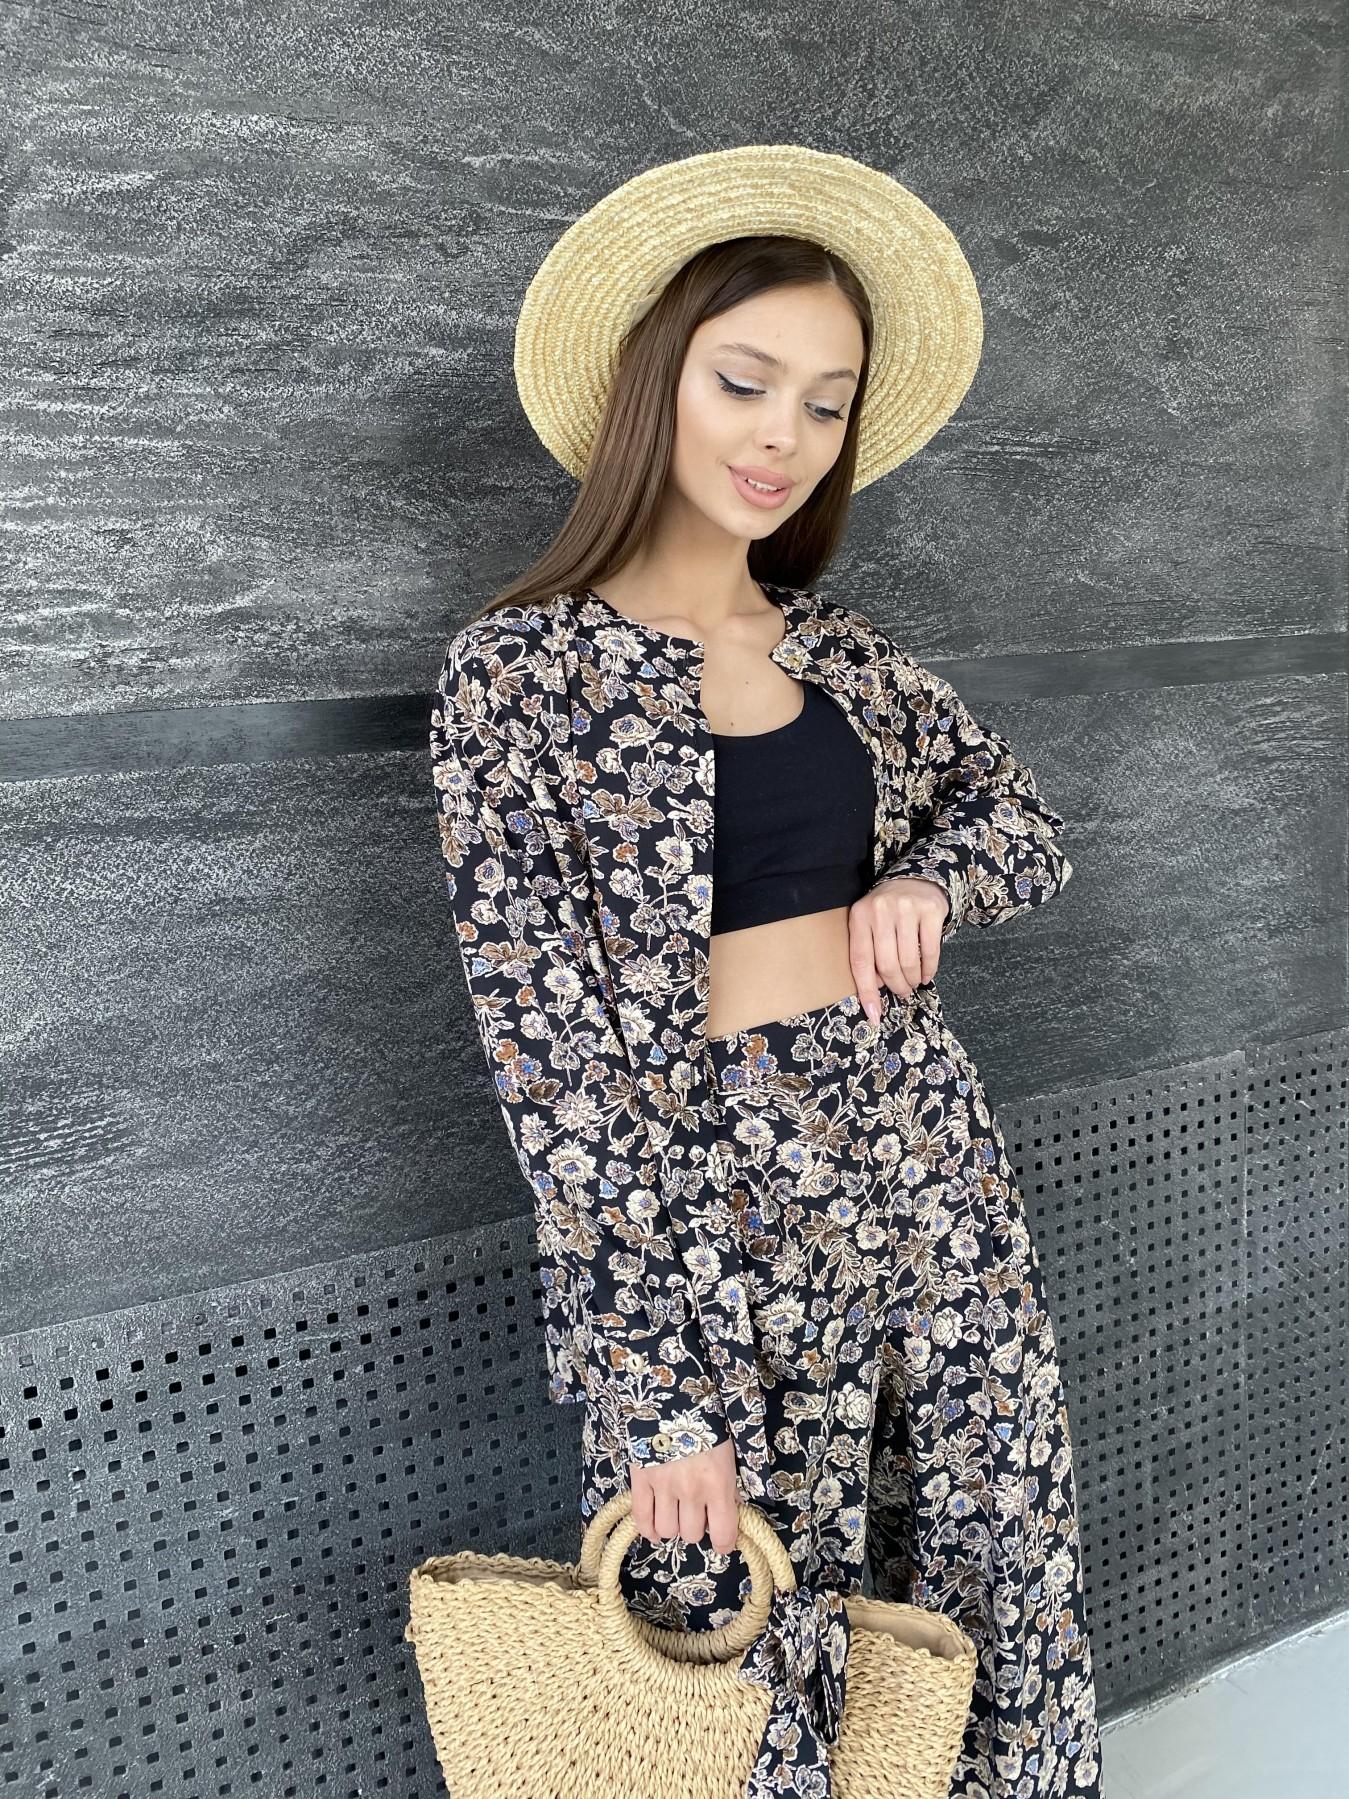 Колибри костюм софт с принтом 11244 АРТ. 47841 Цвет: Черный/т. беж, Цветы - фото 2, интернет магазин tm-modus.ru